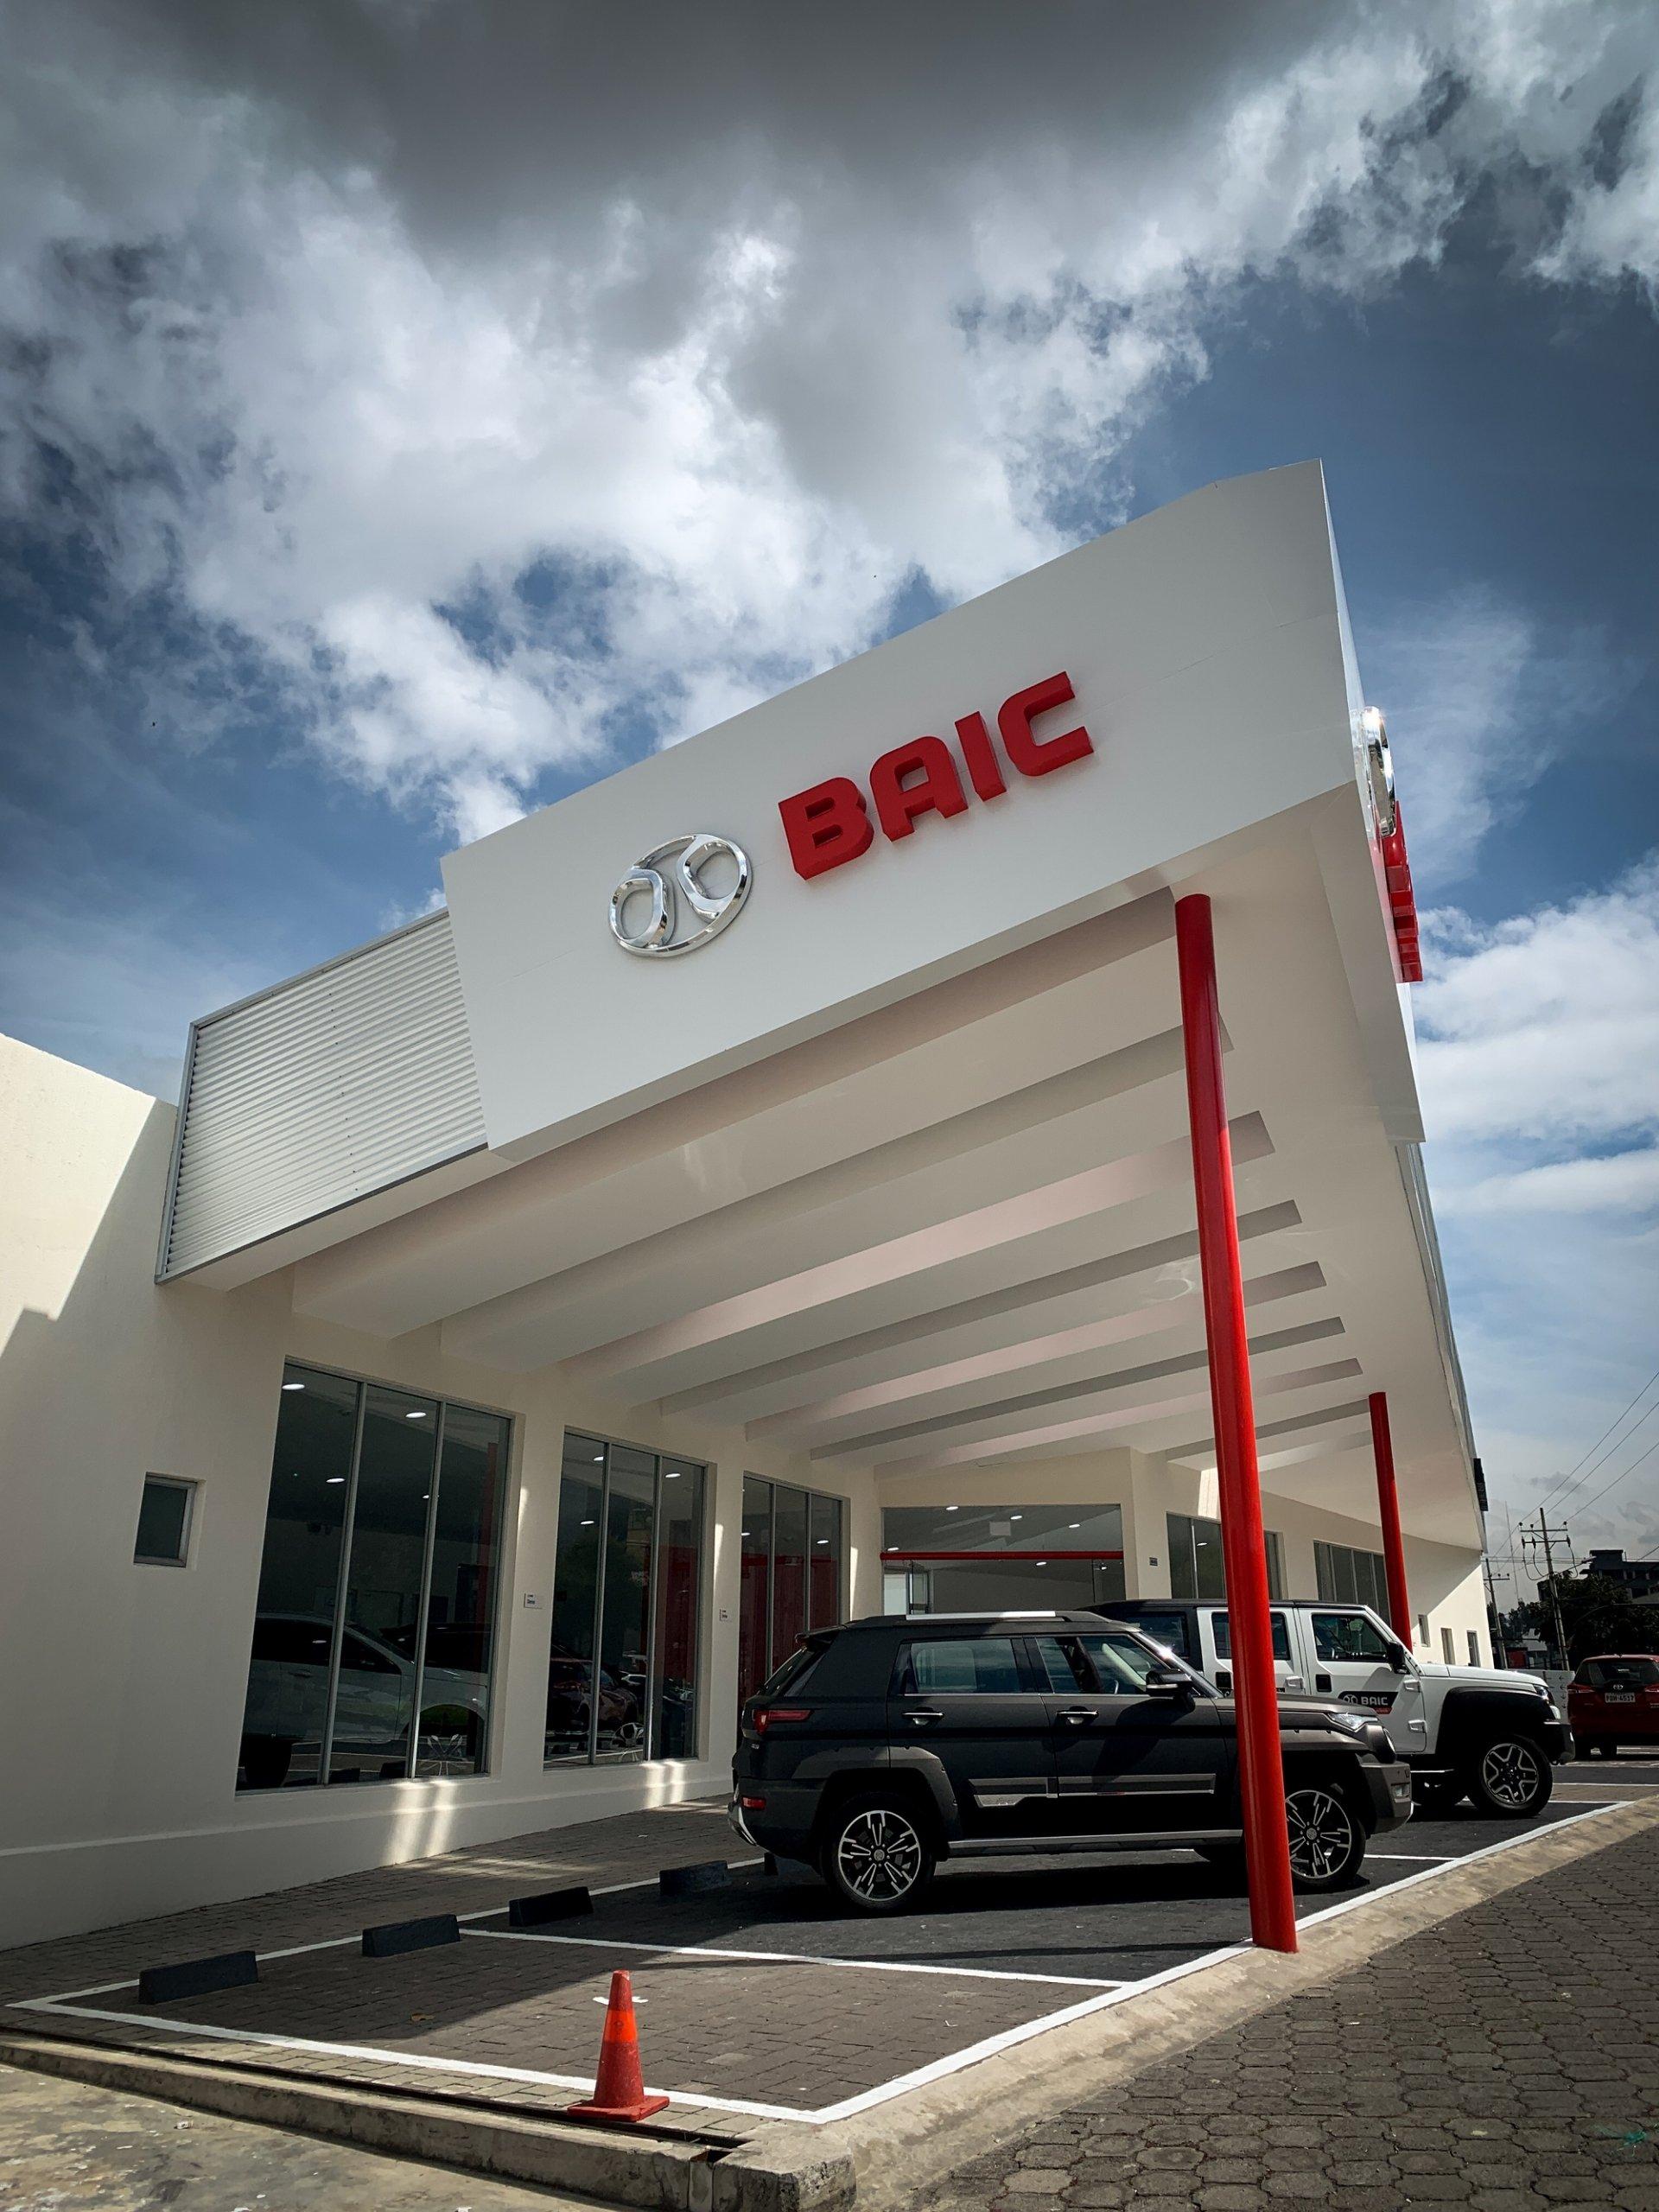 Concesionario-Vehiculos-BAIC-Eloy-Alfaro-A3-Arquitectos-Quito-Ecuador-2